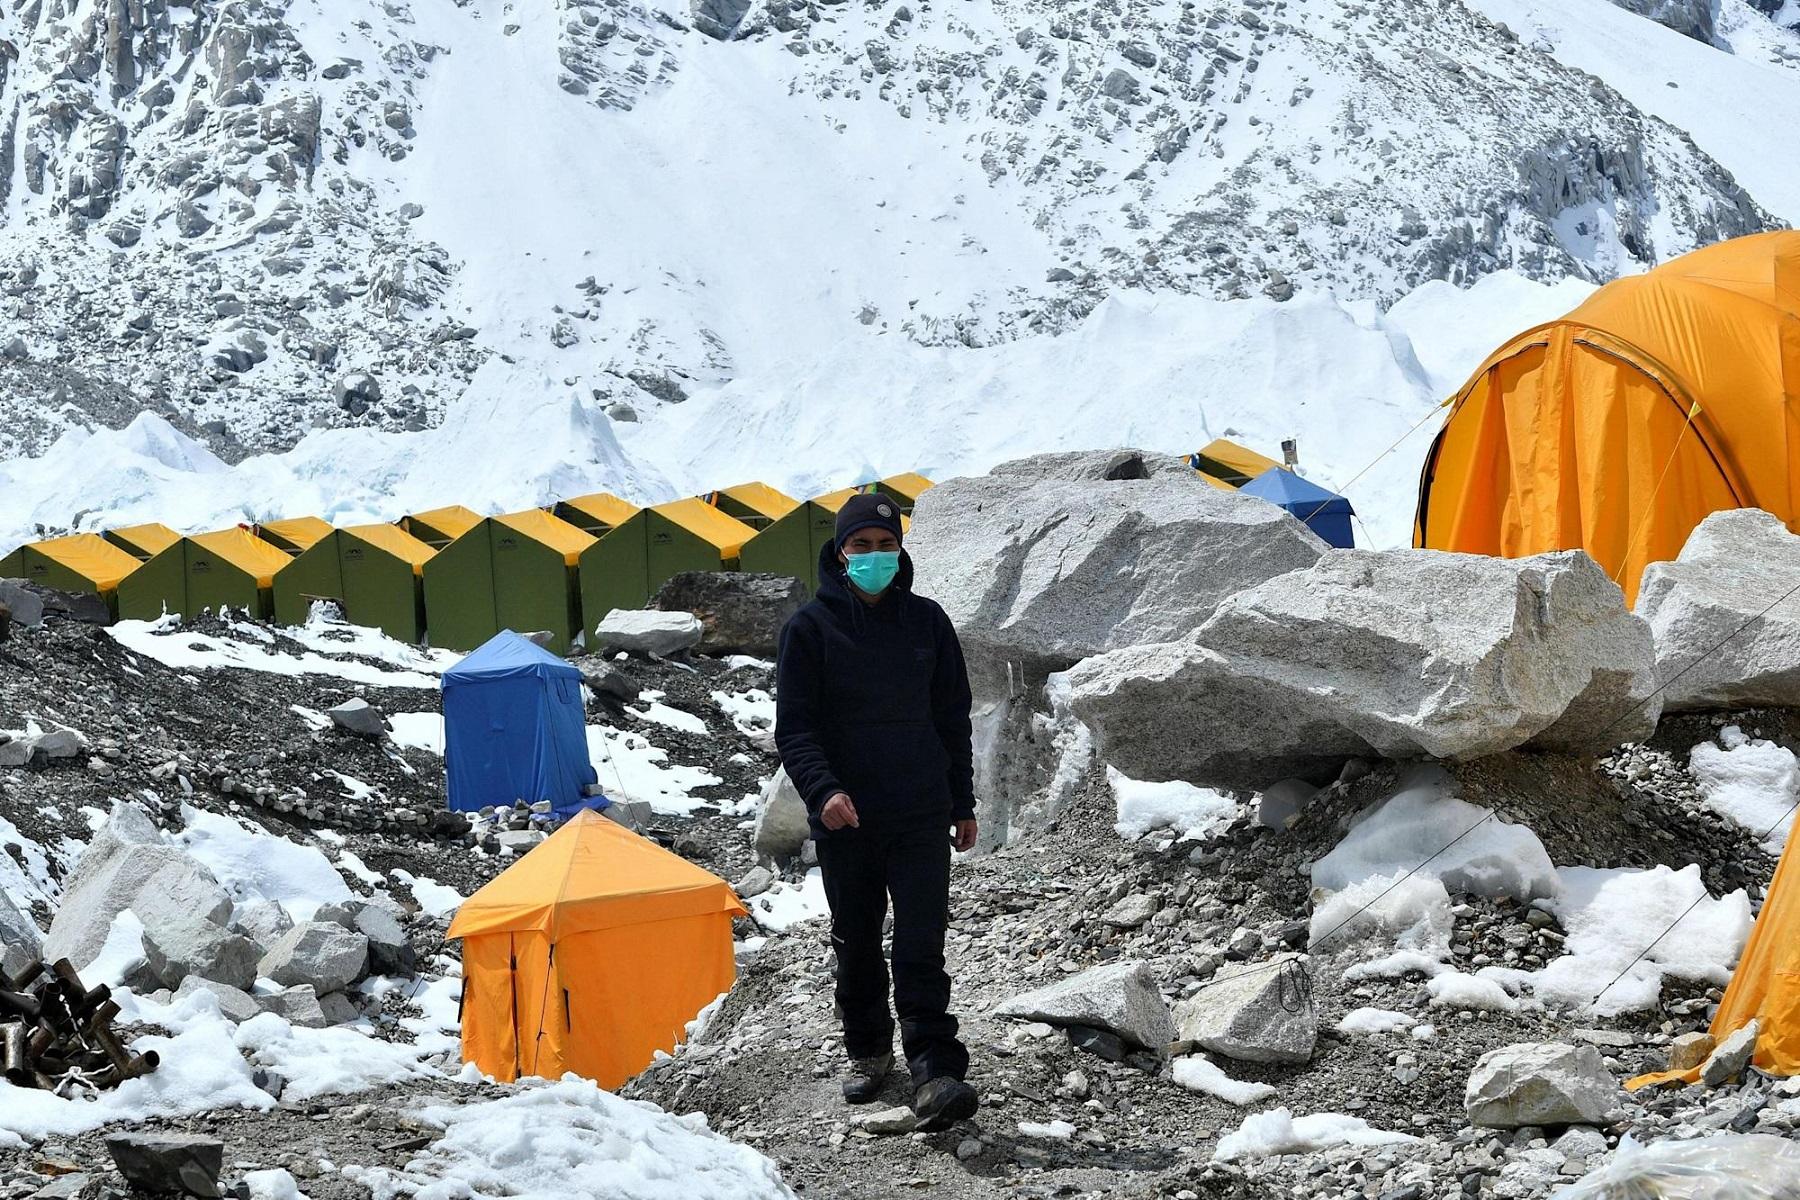 Νεπάλ Τουρισμός: Η Covid απειλεί τα σχέδια αναρρίχησης στο Έβερεστ